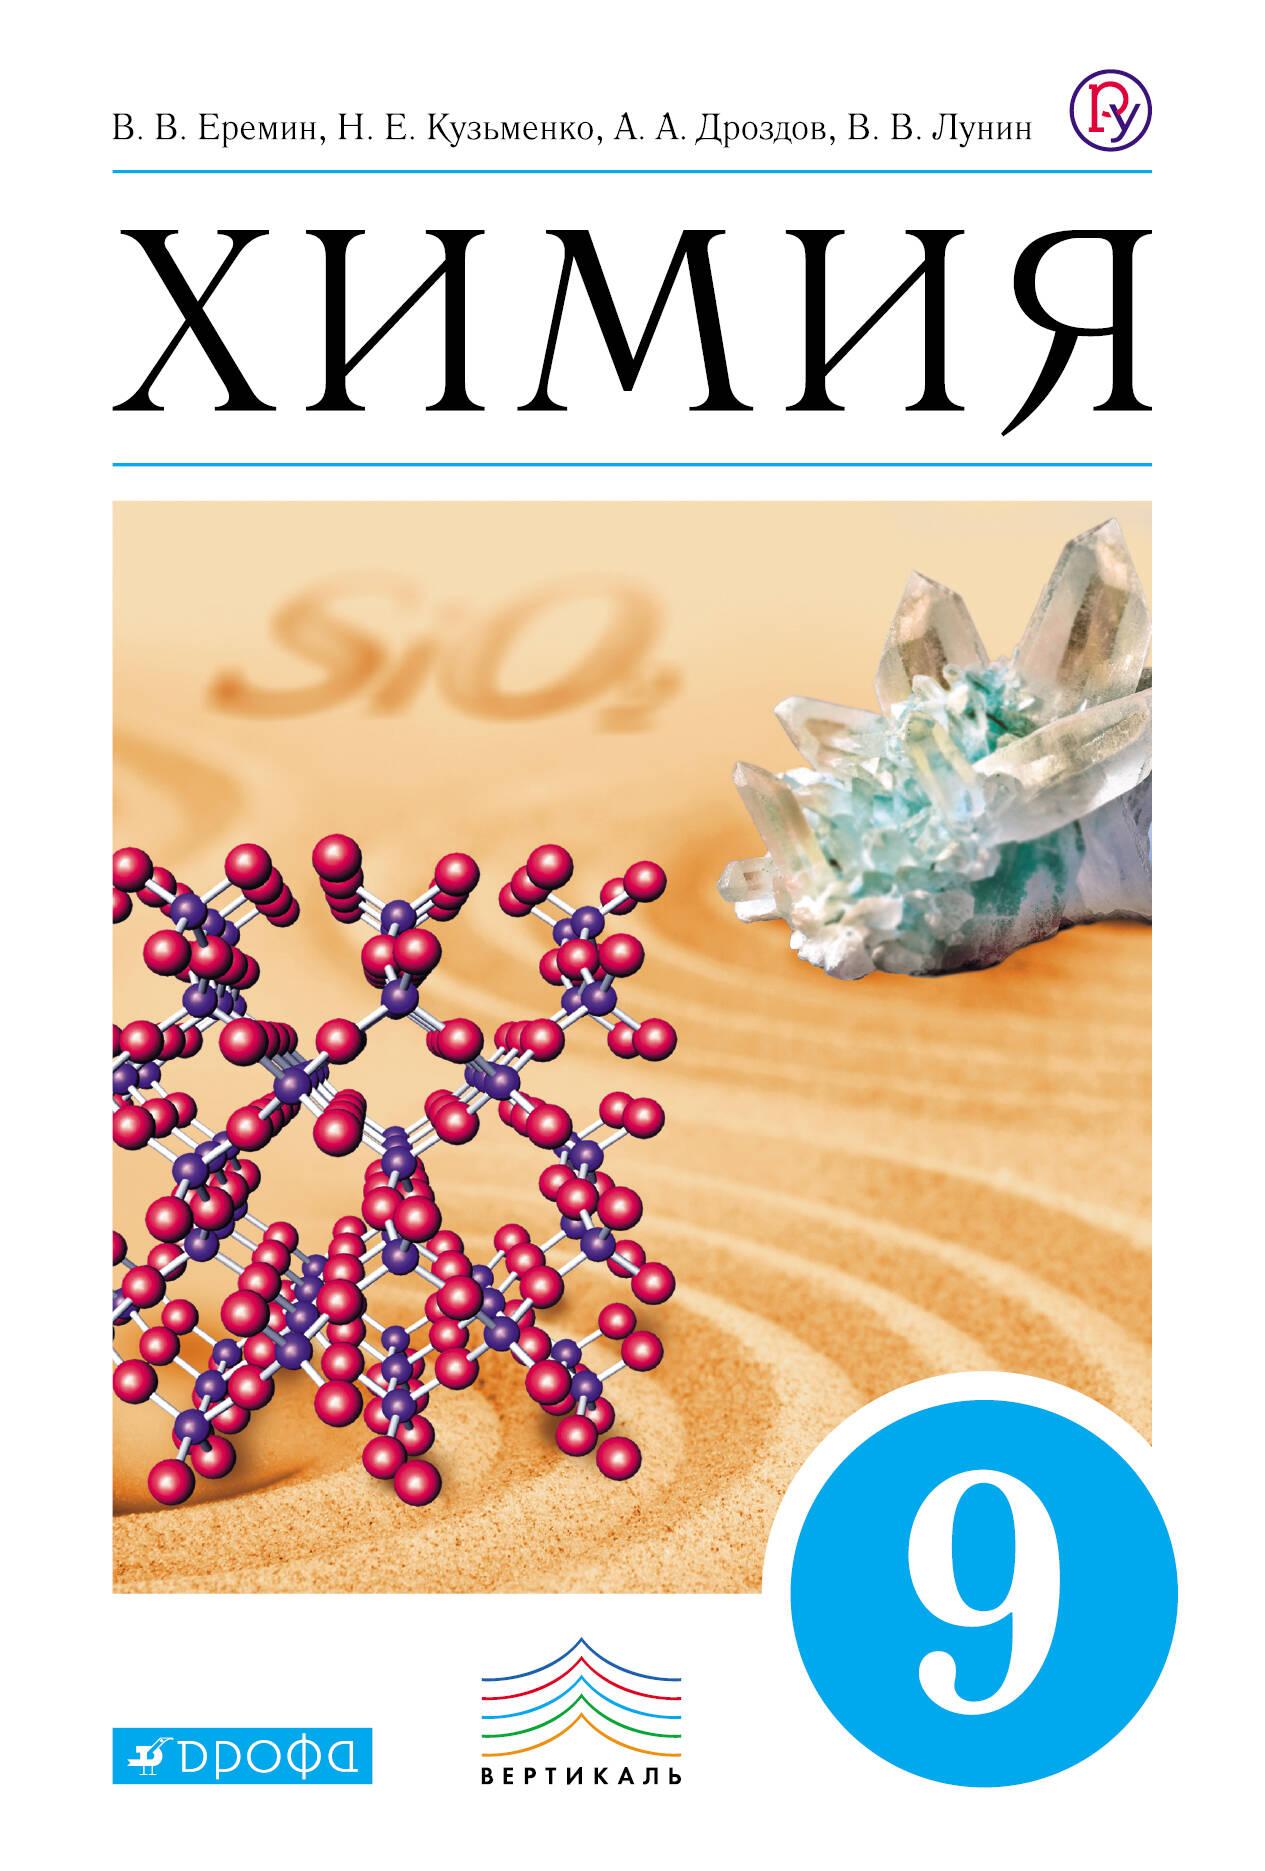 Еремин дроздов кузьменко лунин 8 класс издательство мир и образование гдз